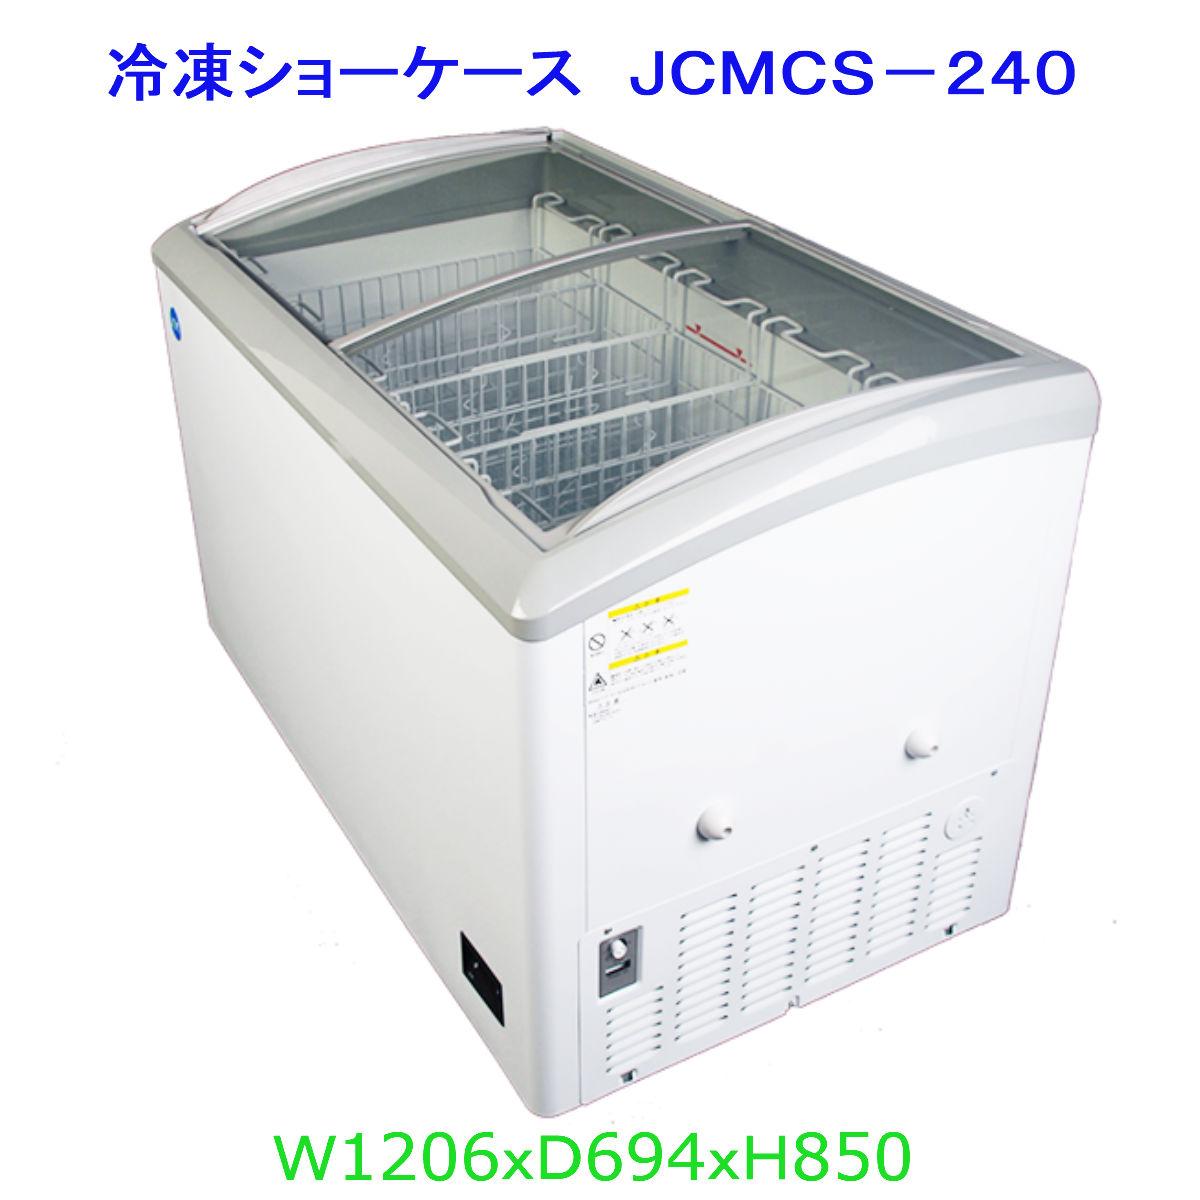 【送料無料】【新品・未使用】業務用 冷凍ショーケース 240L 冷凍庫